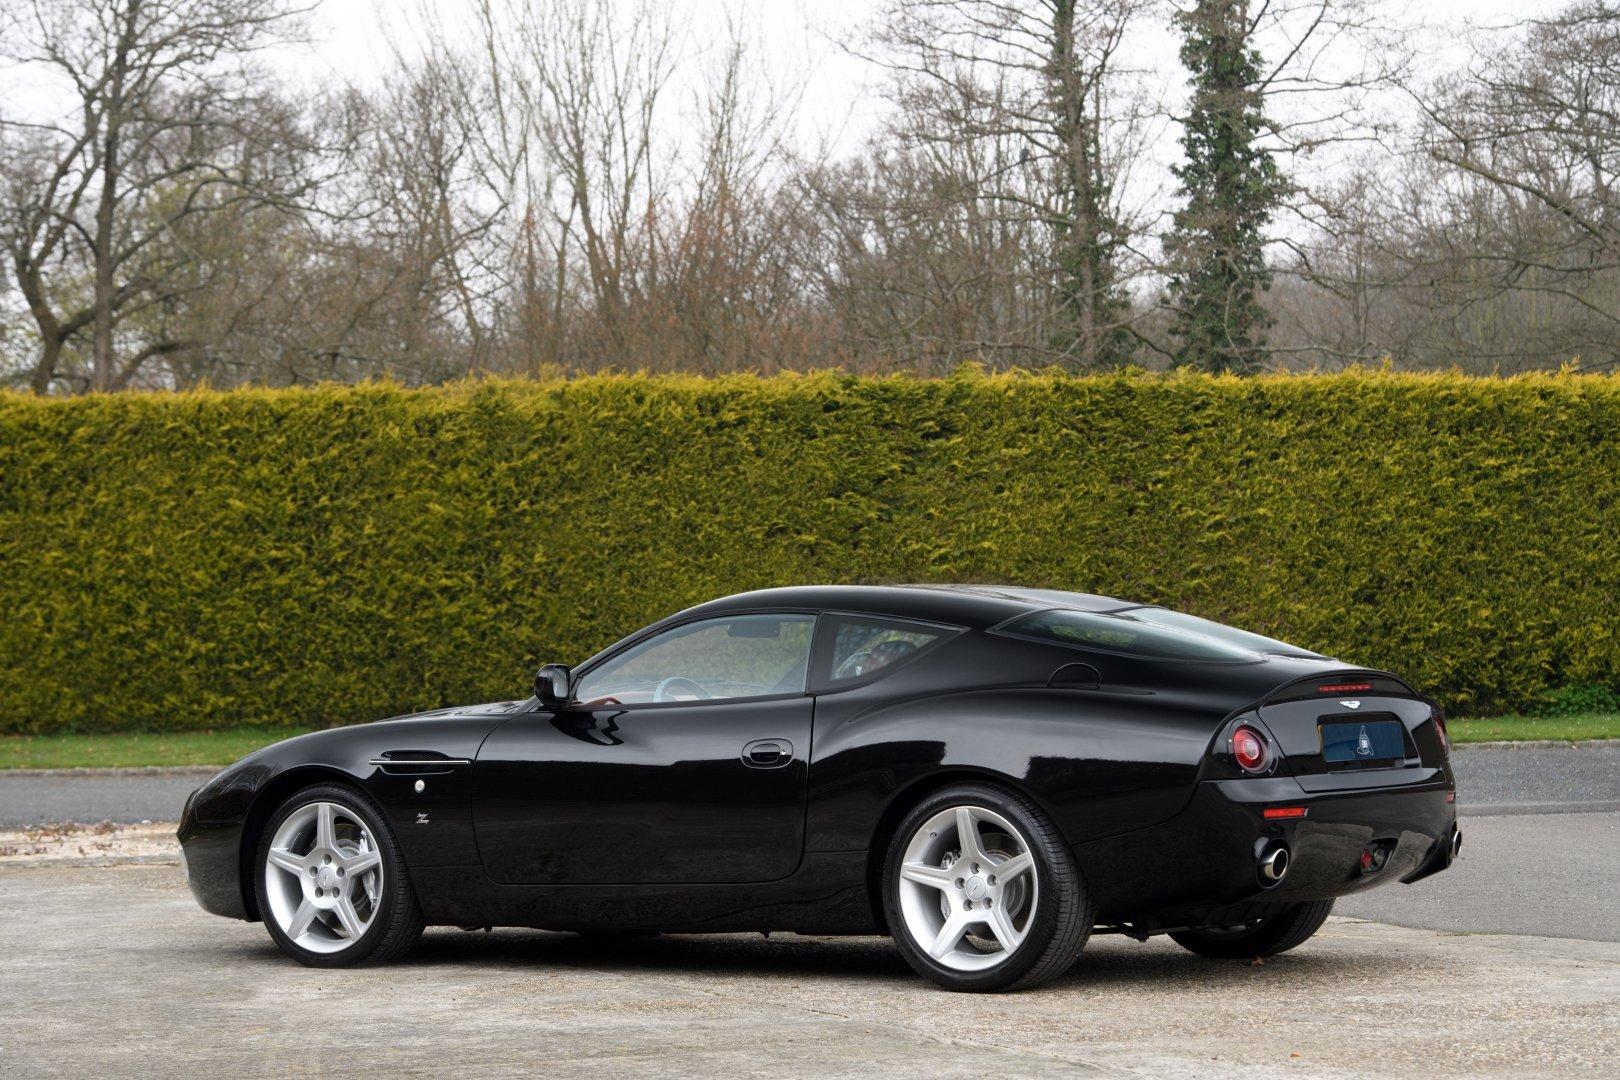 2003 Aston Martin DB7 Zagato - Chassis 001  For Sale (picture 2 of 6)